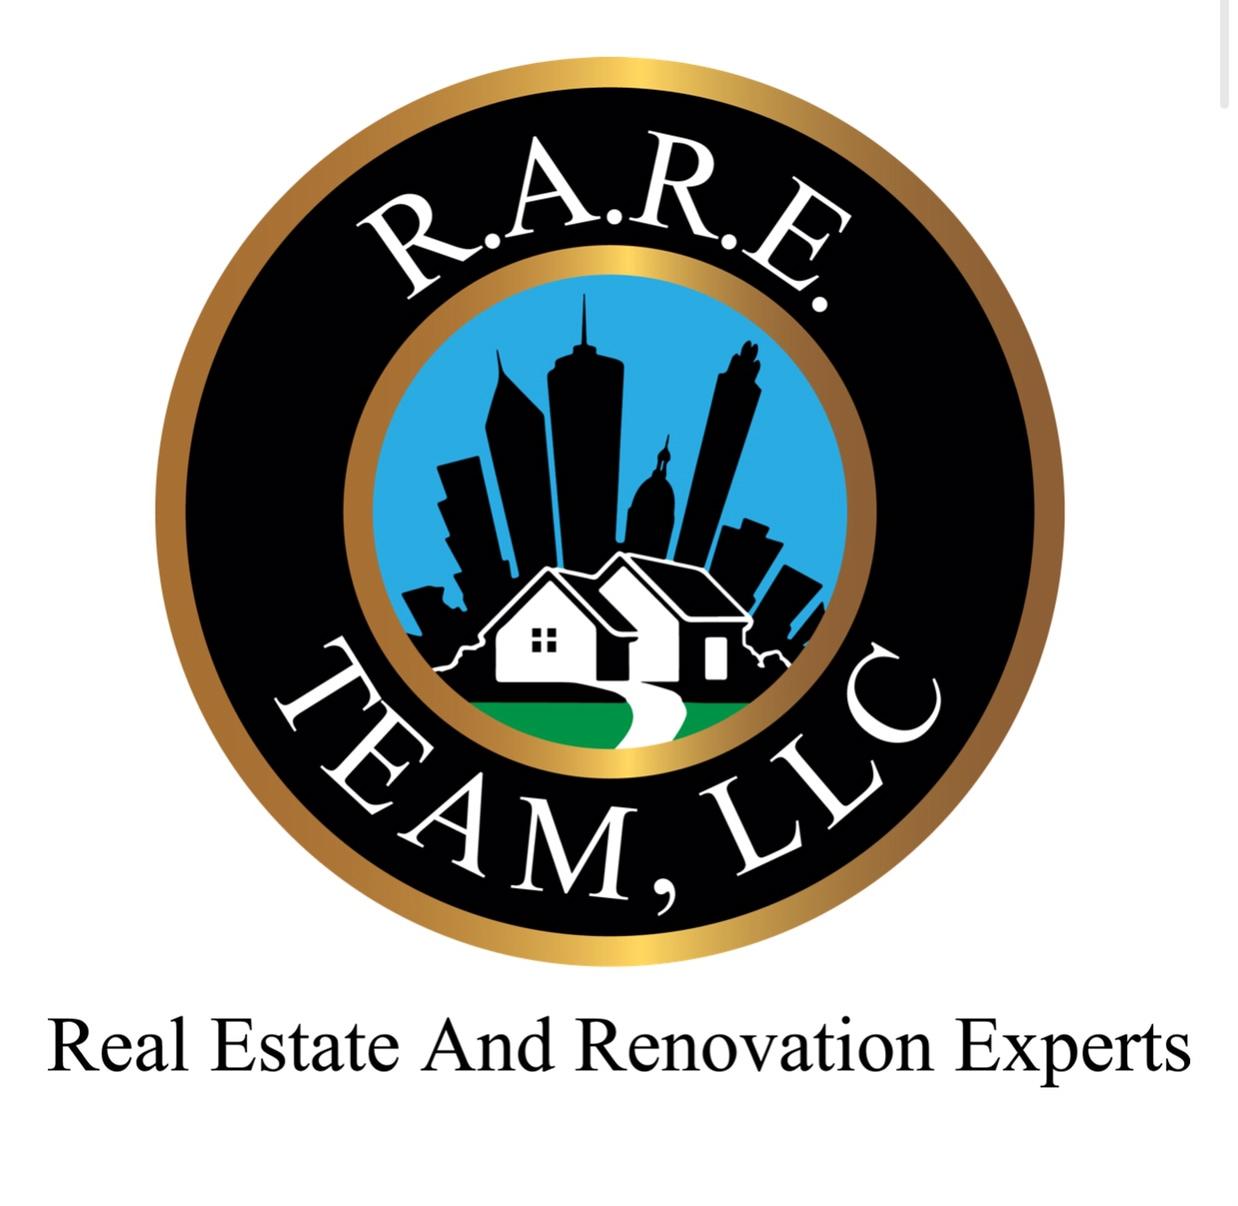 R.A.R.E TEAM, LLC